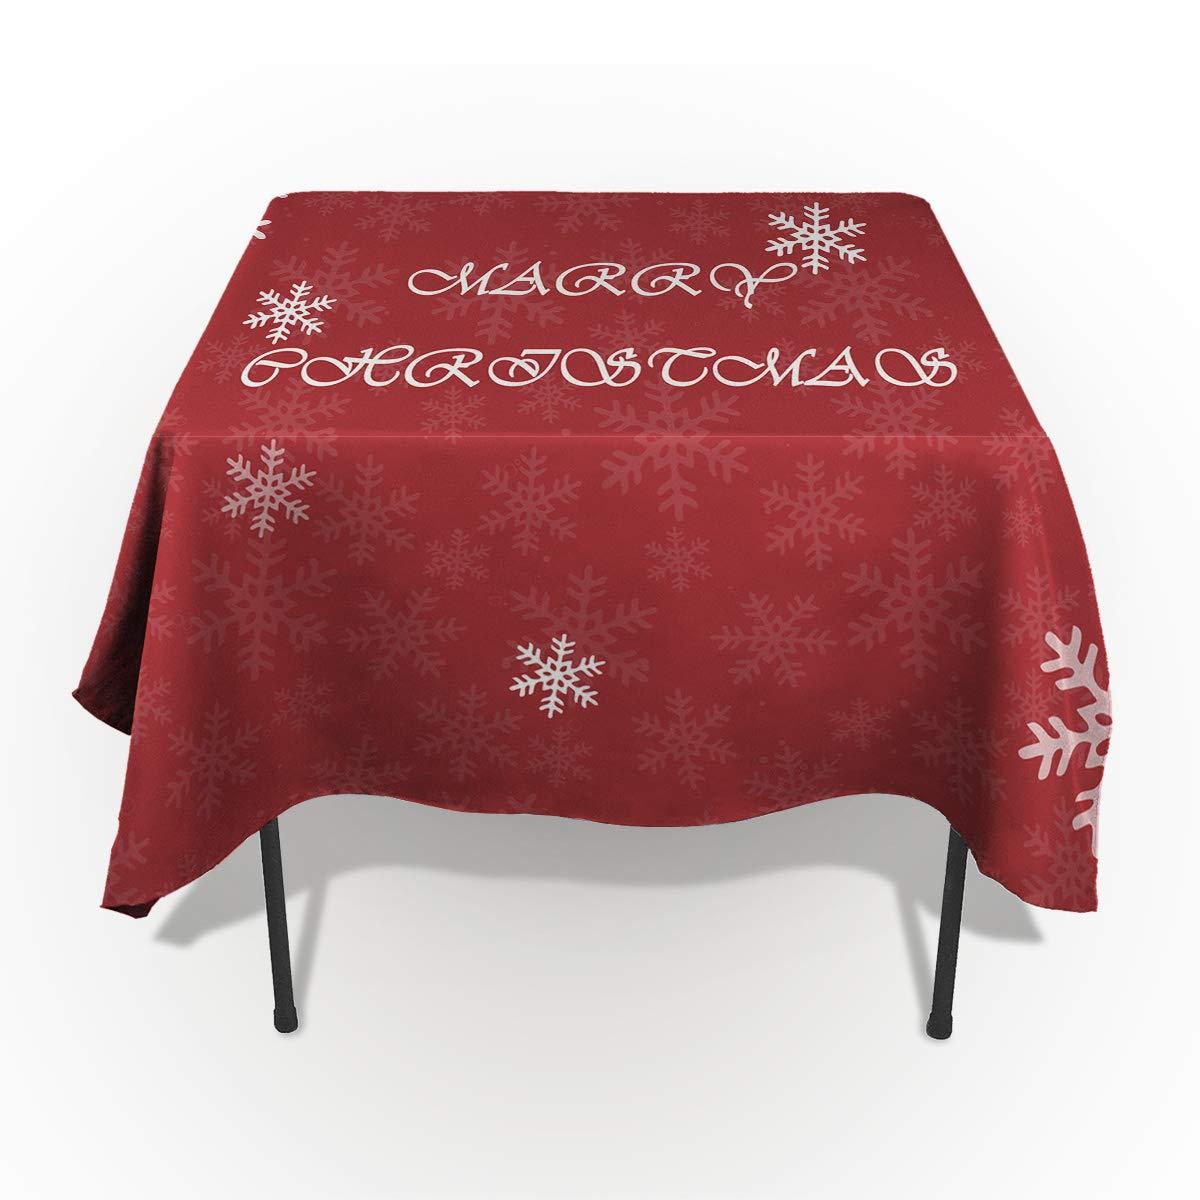 コットンリネン テーブルクロス カレイドスコープ 装飾デザイン 洗濯可能な生地 長方形テーブルカバー ディナーキッチン 結婚パーティー テーブル装飾 60x90in CXL190122-SSTW01188ZBAJITH 60x90in カラー-6 B07MZZKJ3D